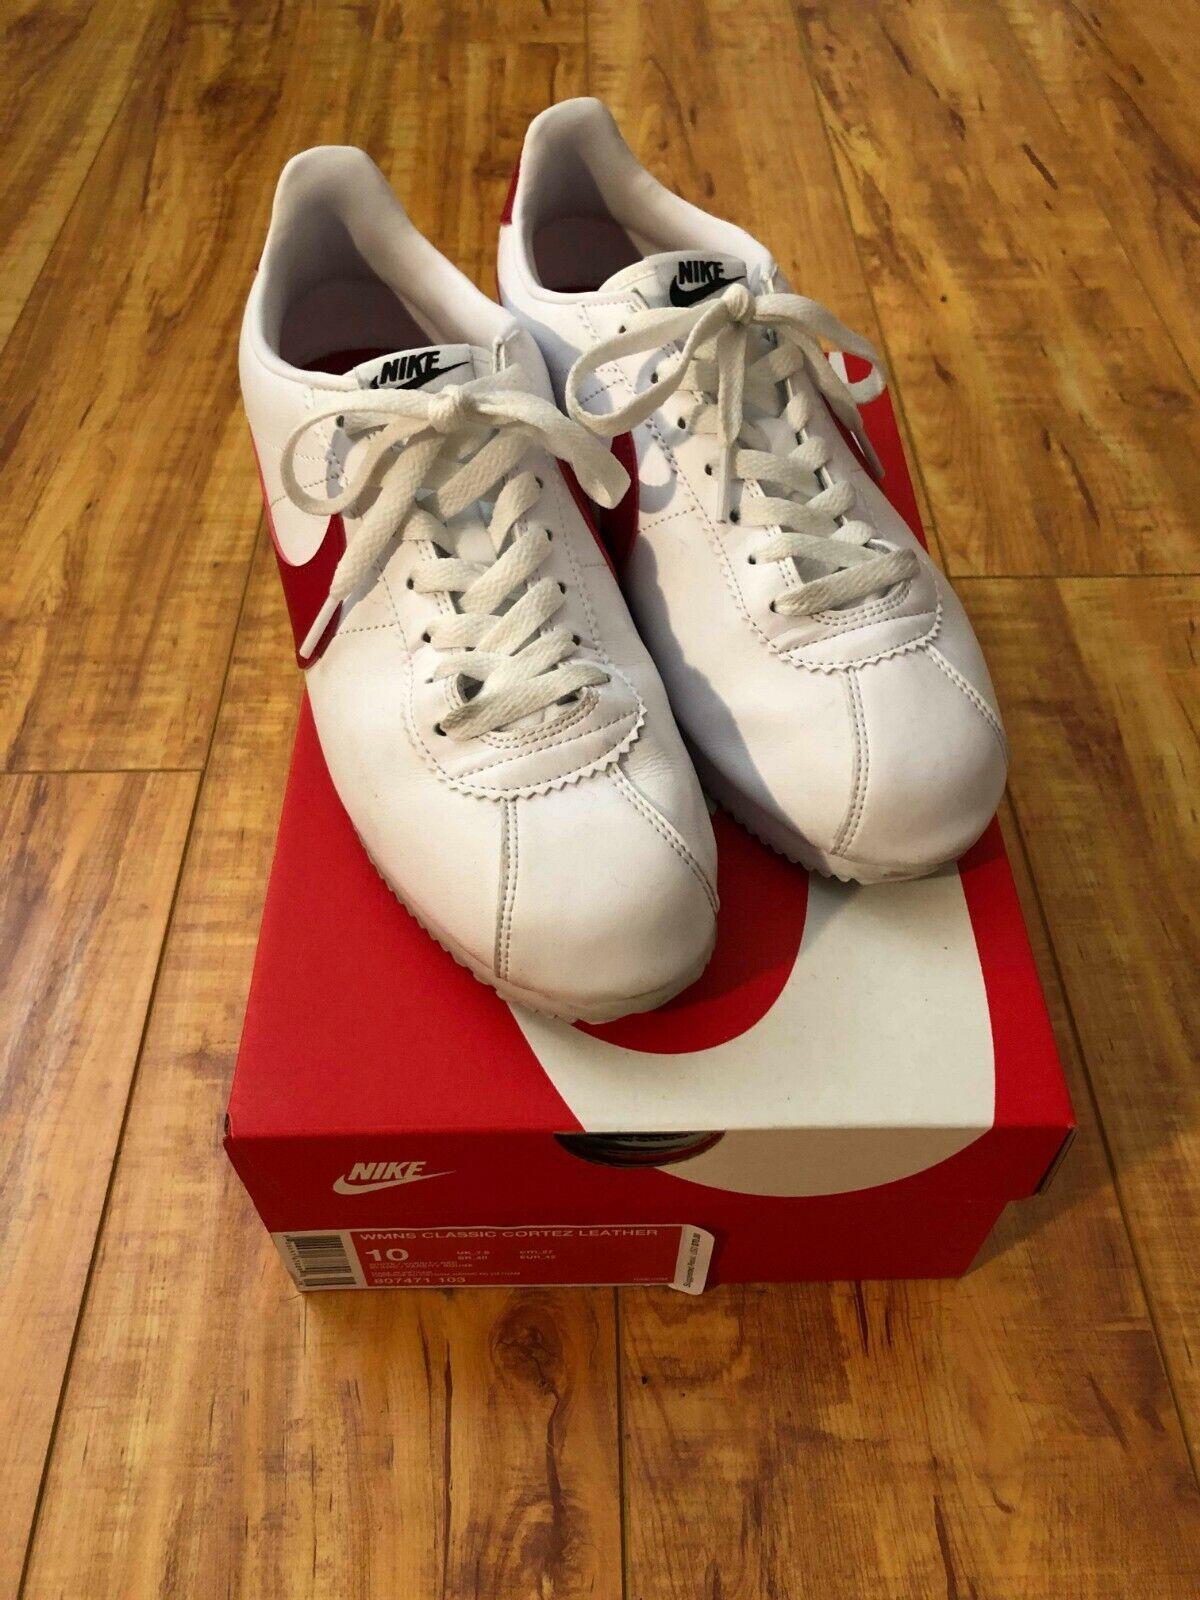 Nike Cortez Classic OG - Red bluee White - US Men 8.5 - US Women 10